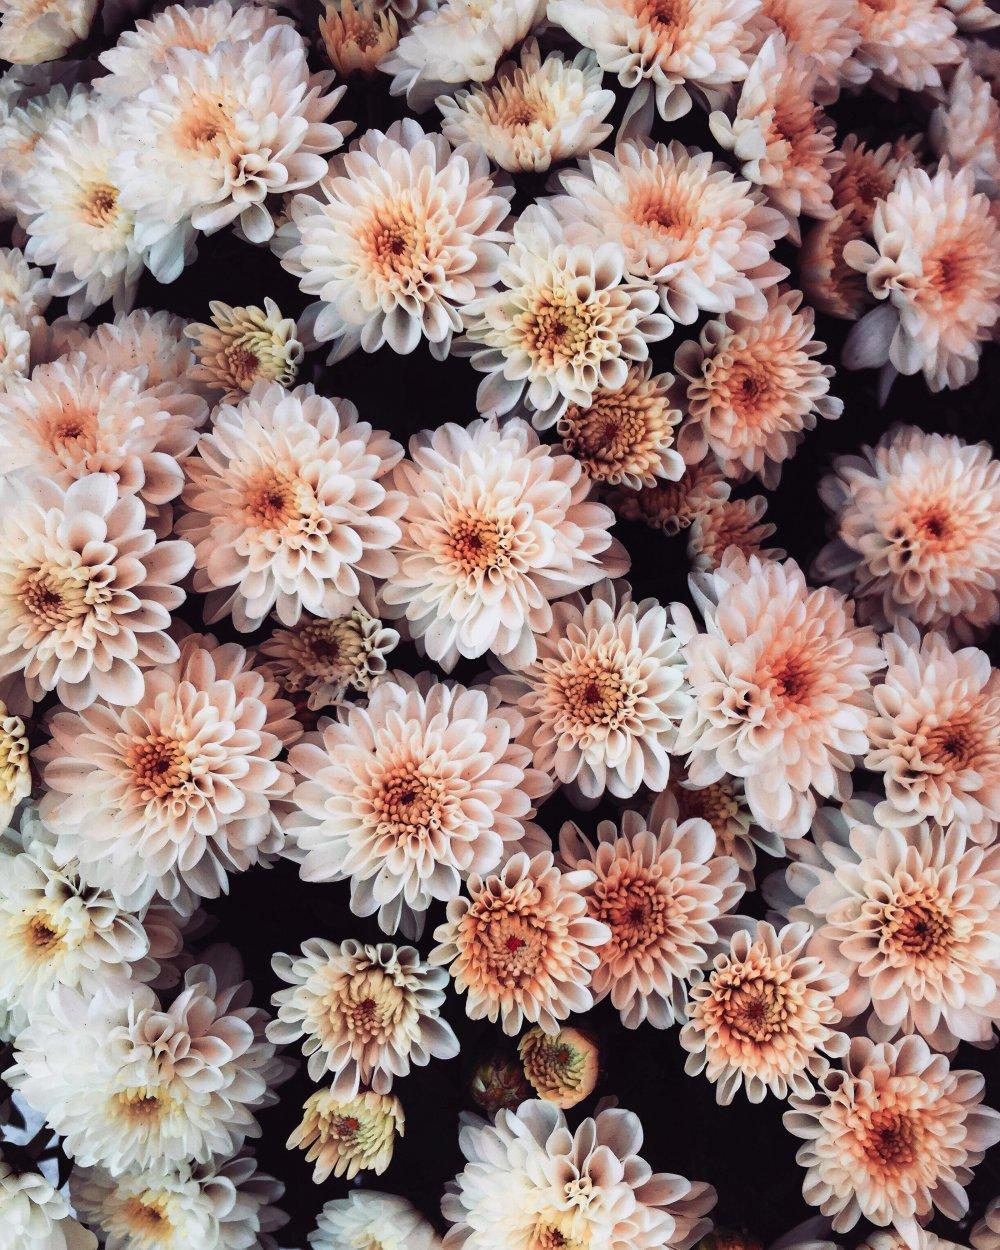 Blomster i massevis